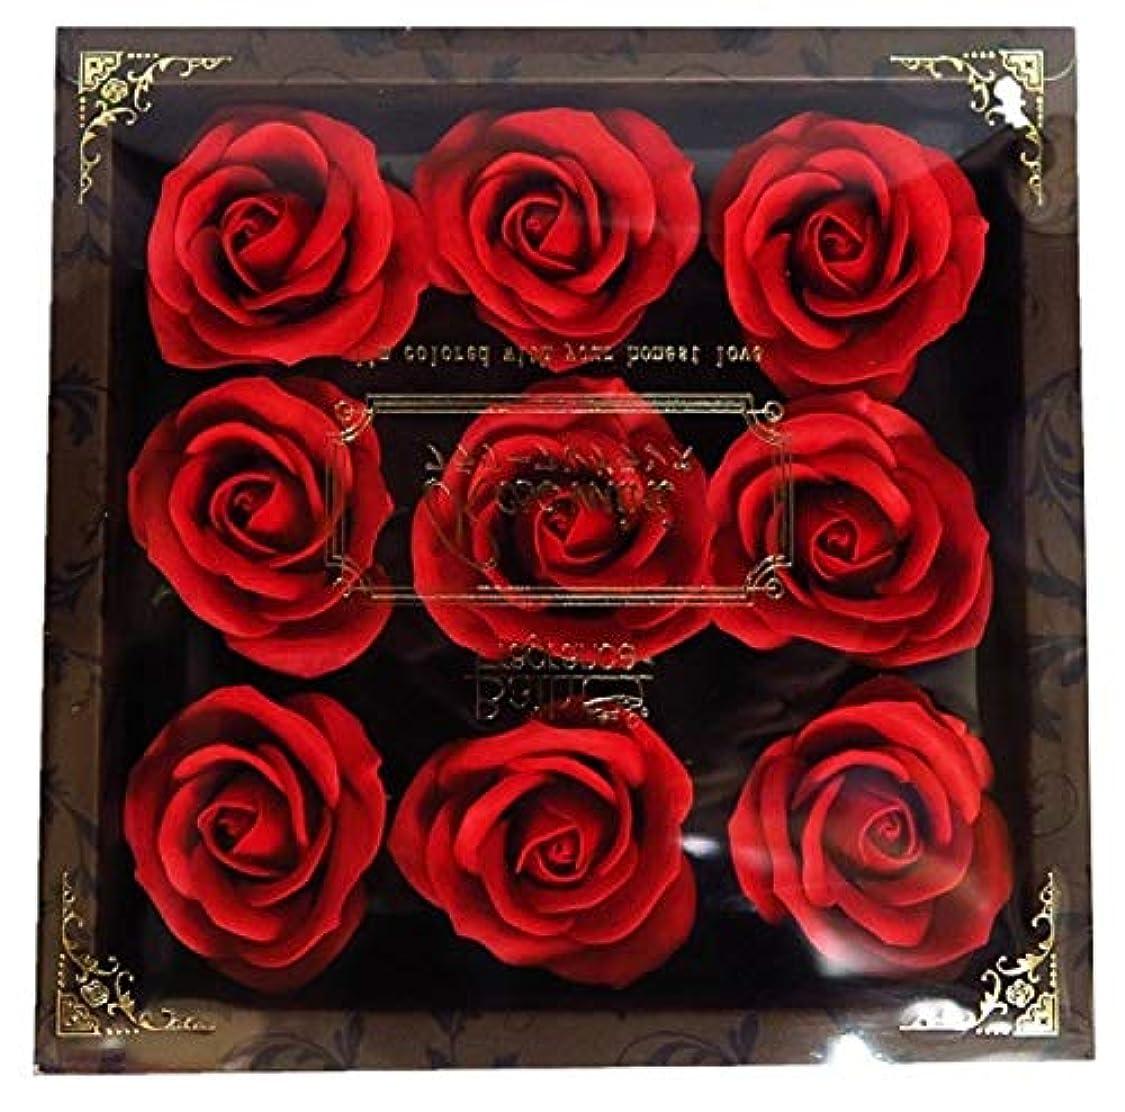 完璧な謝罪する表面的なバスフレグランス フラワーフレグランス ミニローズフレグランス(L)レッド ギフト お花の形の入浴剤 プレゼント ばら